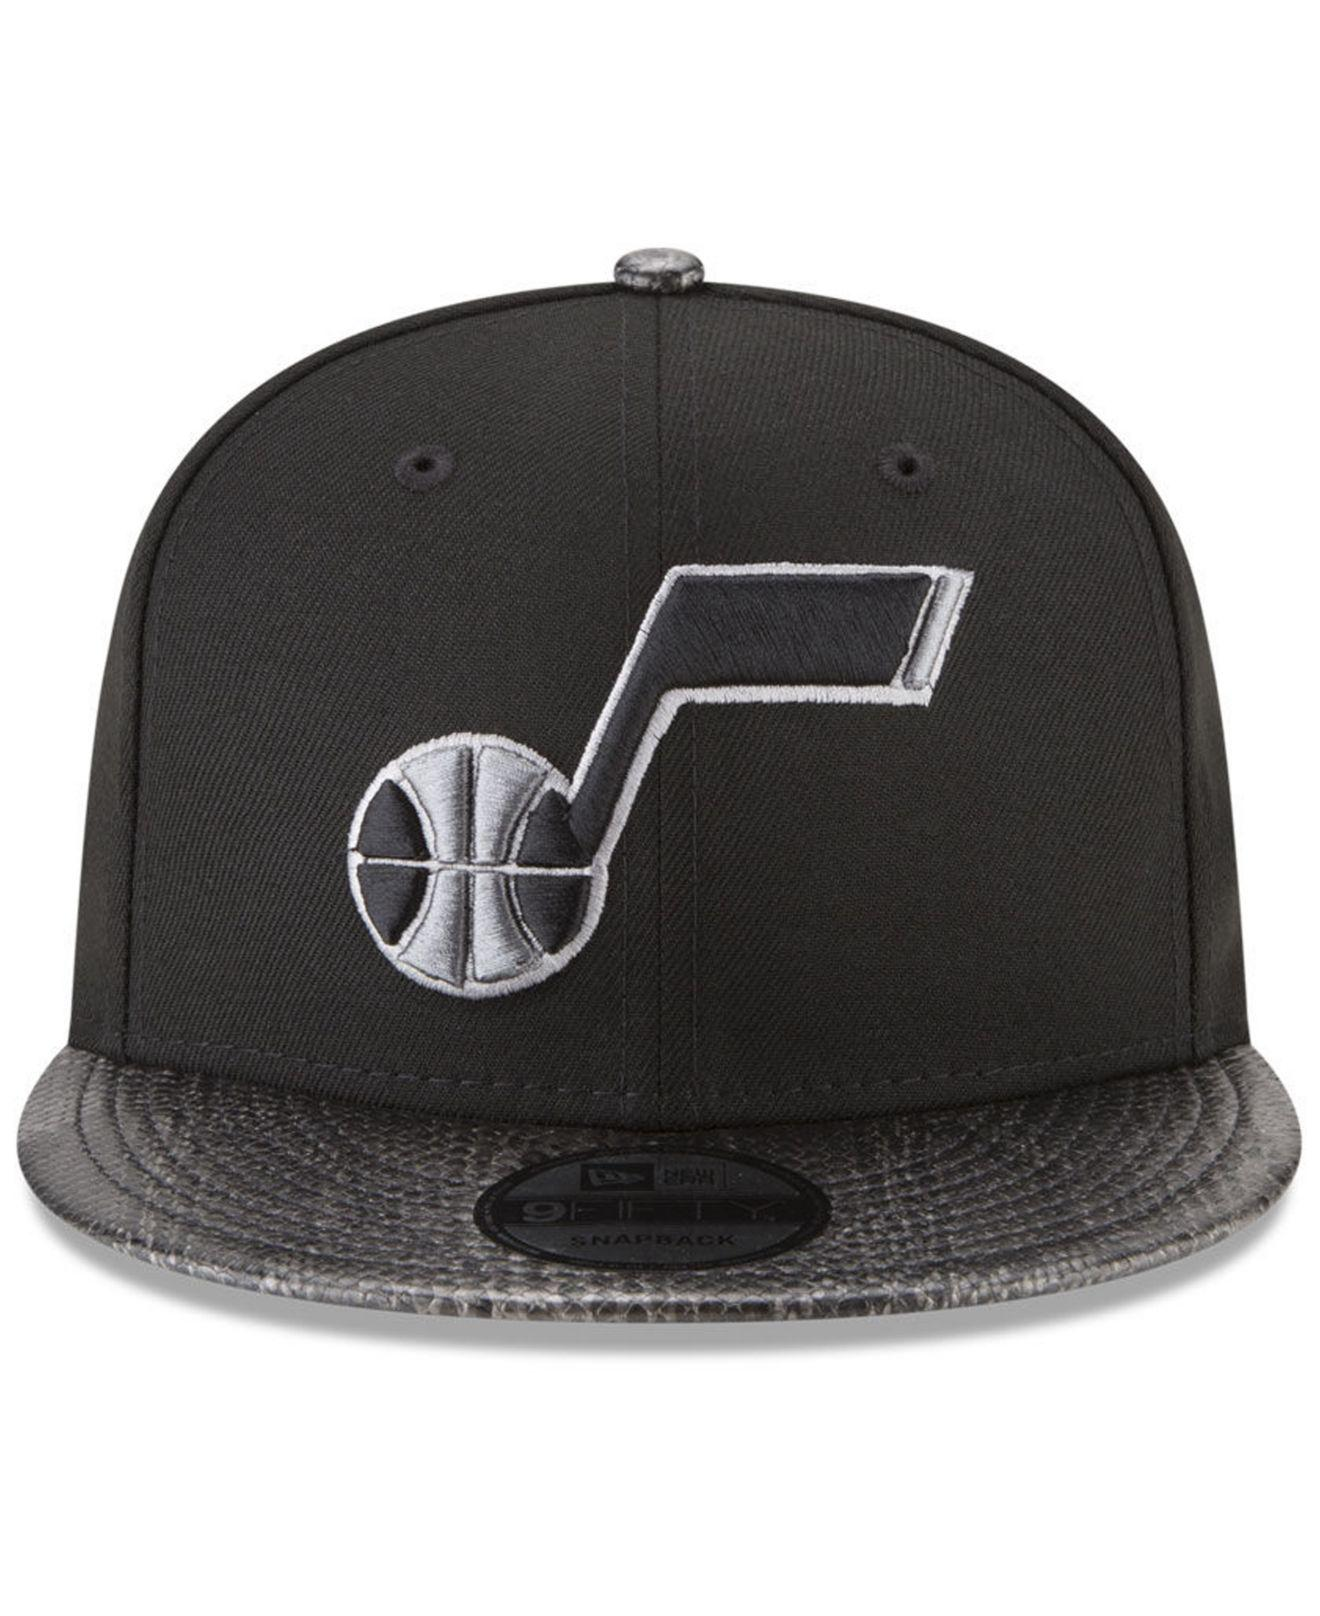 new style 97c0e e7741 ... sweden lyst ktz utah jazz snakeskin sleek 9fifty snapback cap in black  for men 05f17 75c49